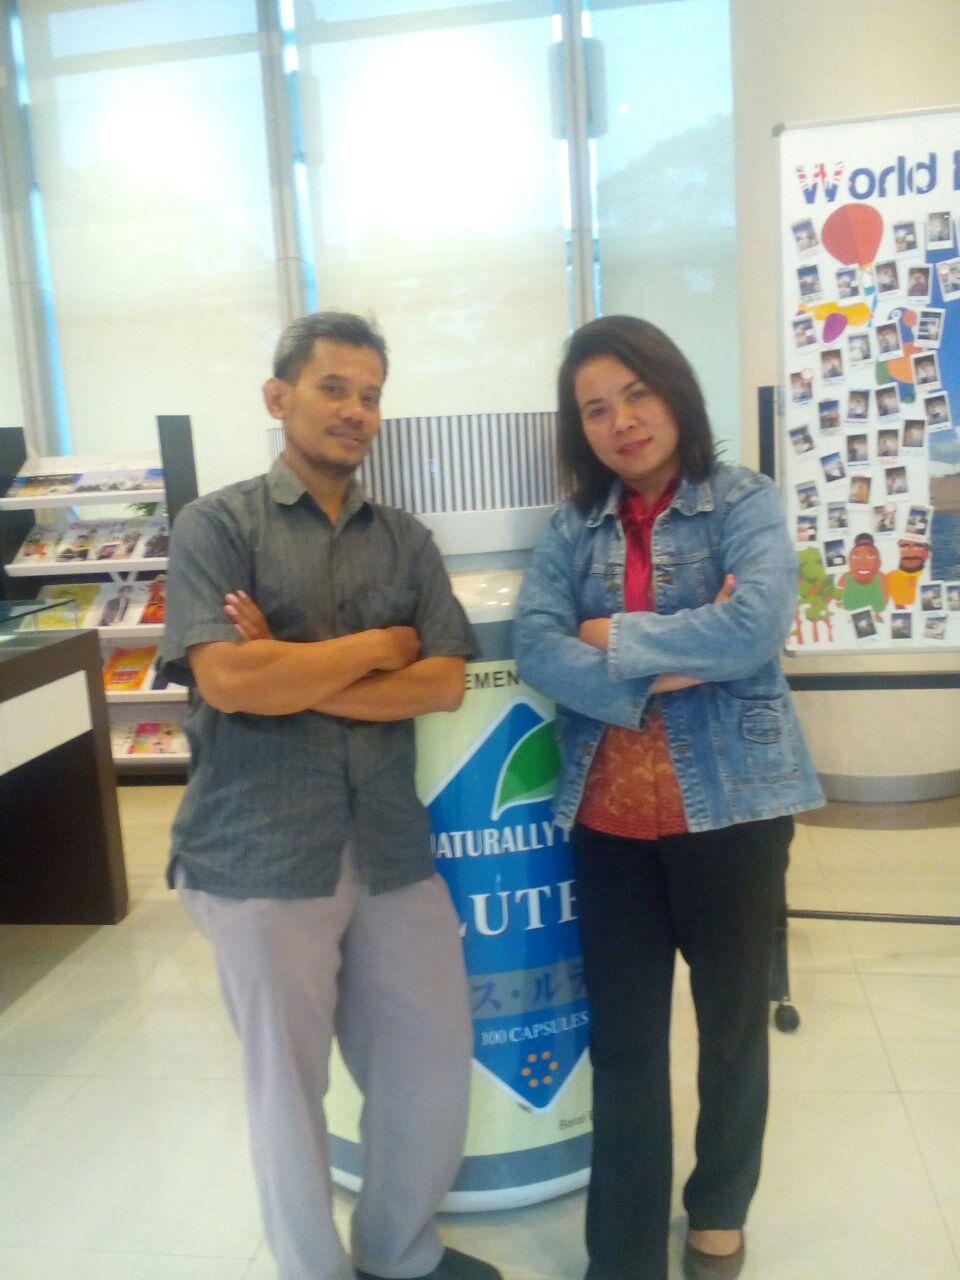 Agent Slutena Naturally Plus Japan Lutena Lutein S Versi Indonesia Dari Super Merupakan Terobosan Baru Herbal Alami Negeri Jepang Yg Terbukti Ampuh Menjaga Kesehatan Organ Tubuh